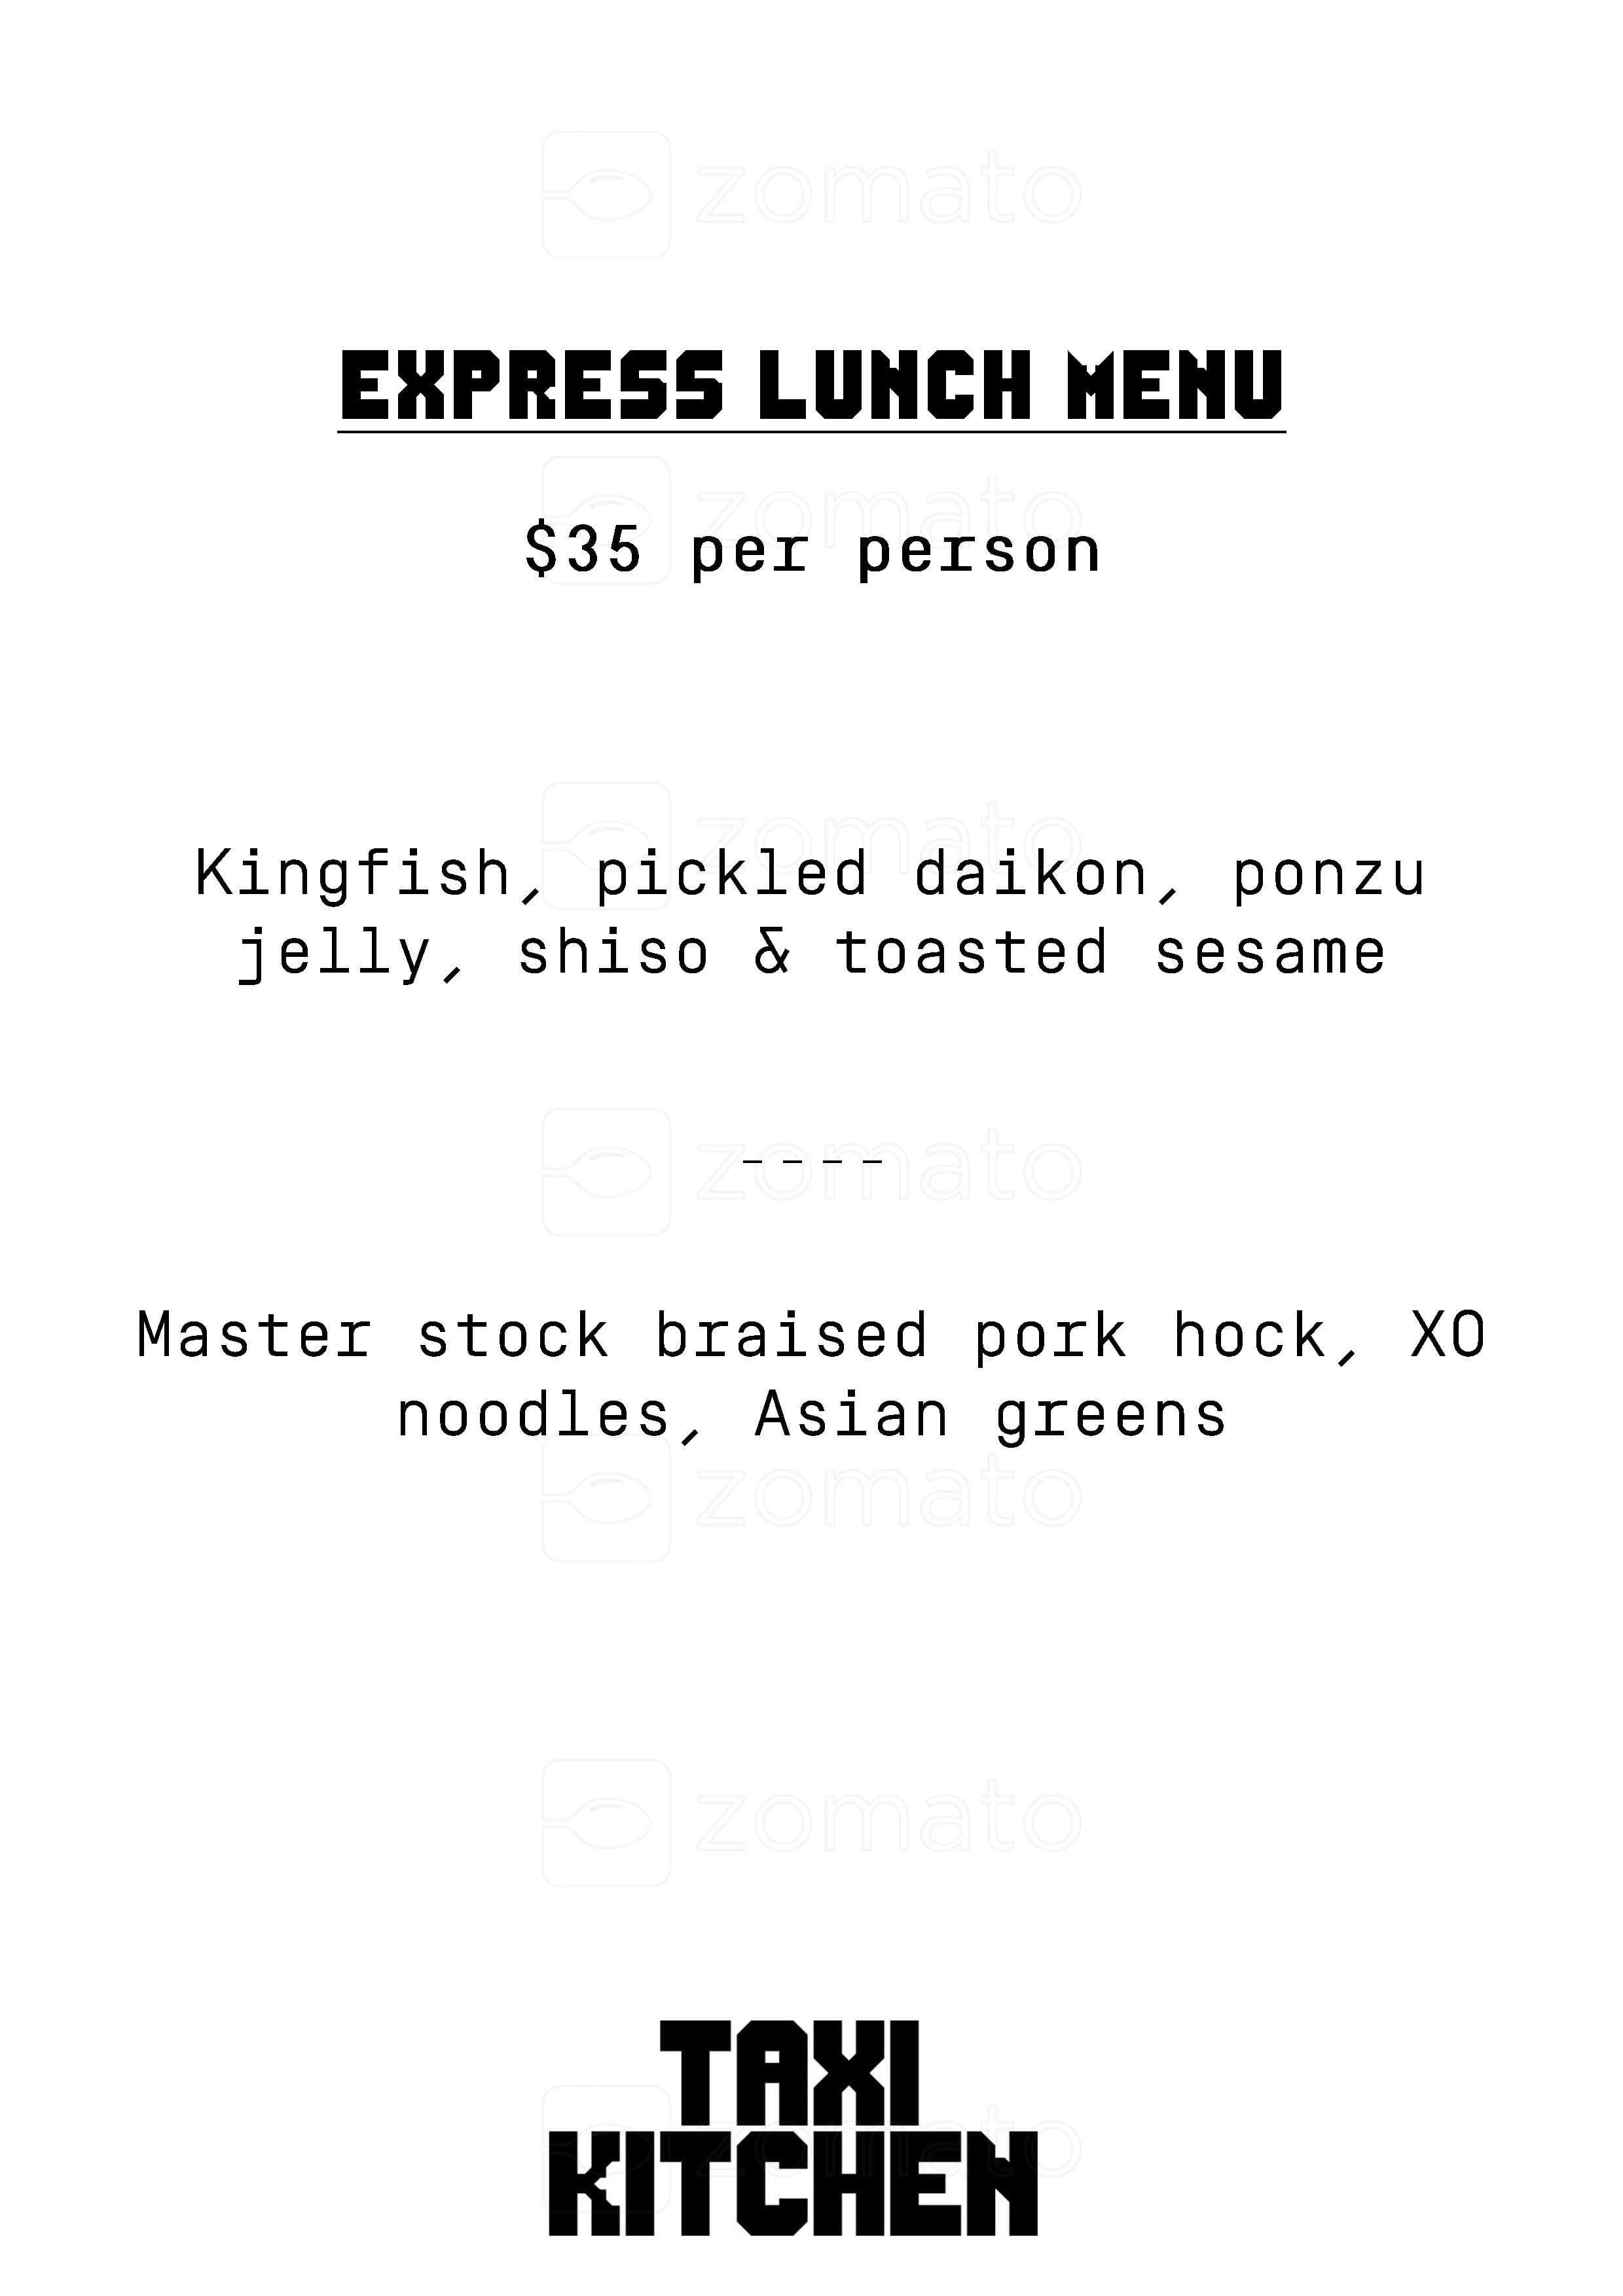 Taxi Kitchen Menu, Menu for Taxi Kitchen, Flinders Street, CBD ...